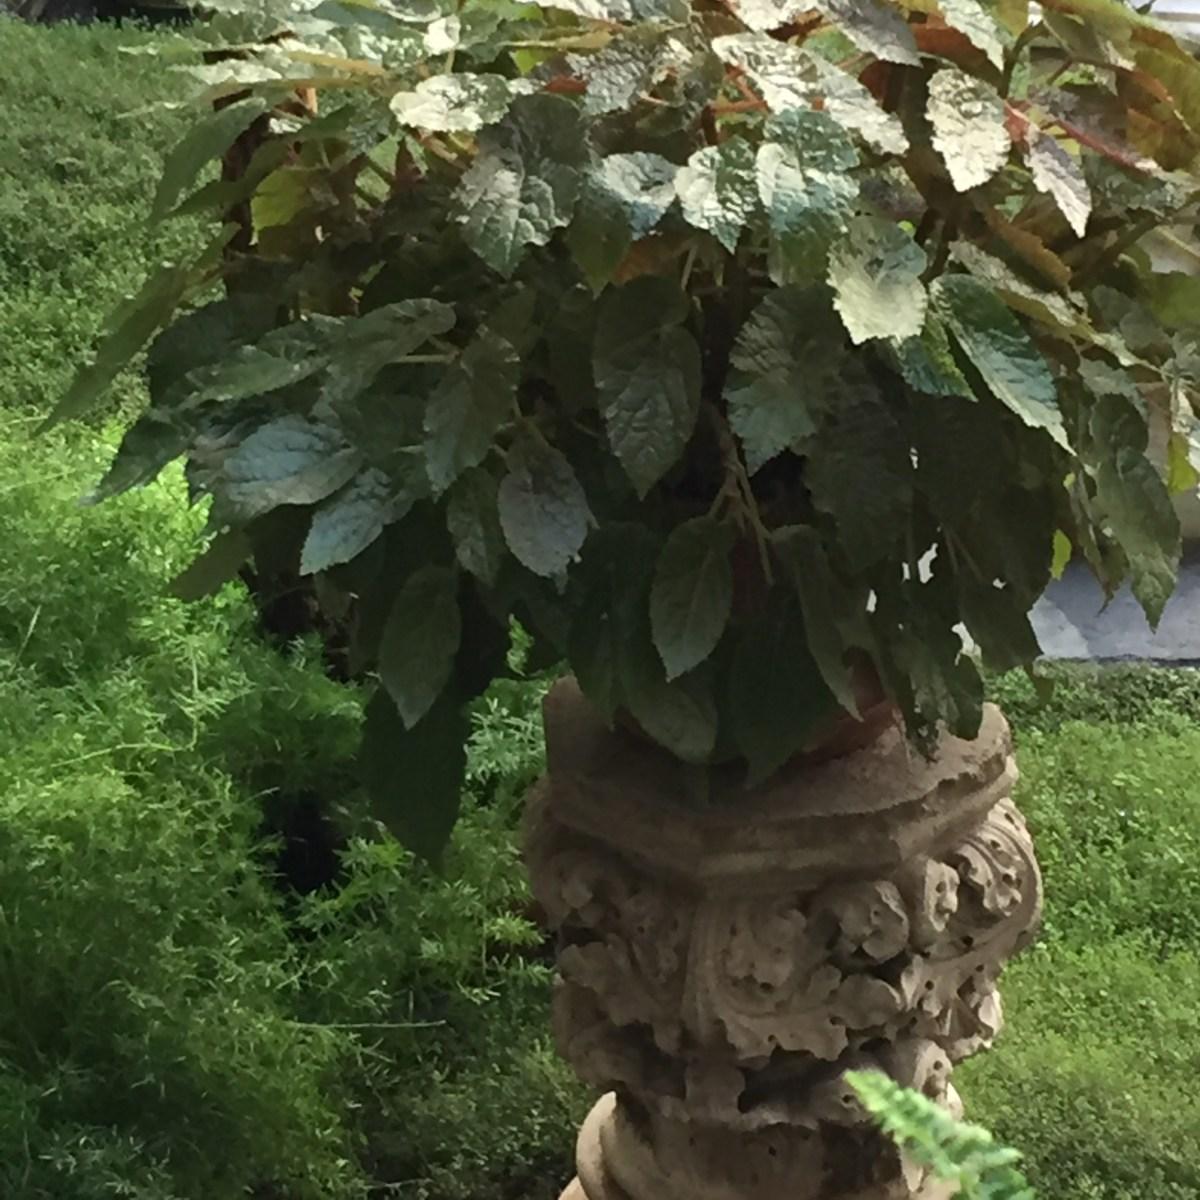 courtyard-begonia-isabella-stewart-gardner